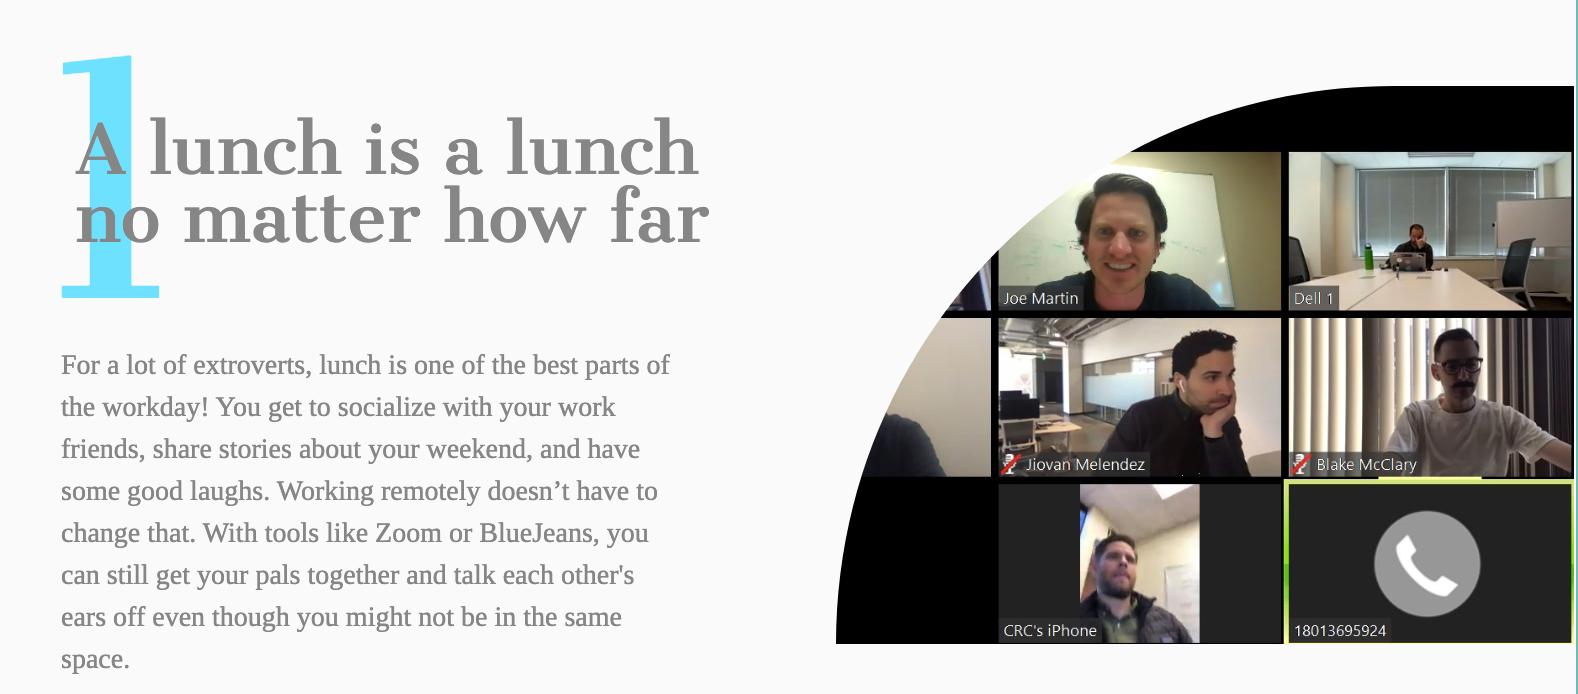 A lunch is a lunch no matter how far infobit